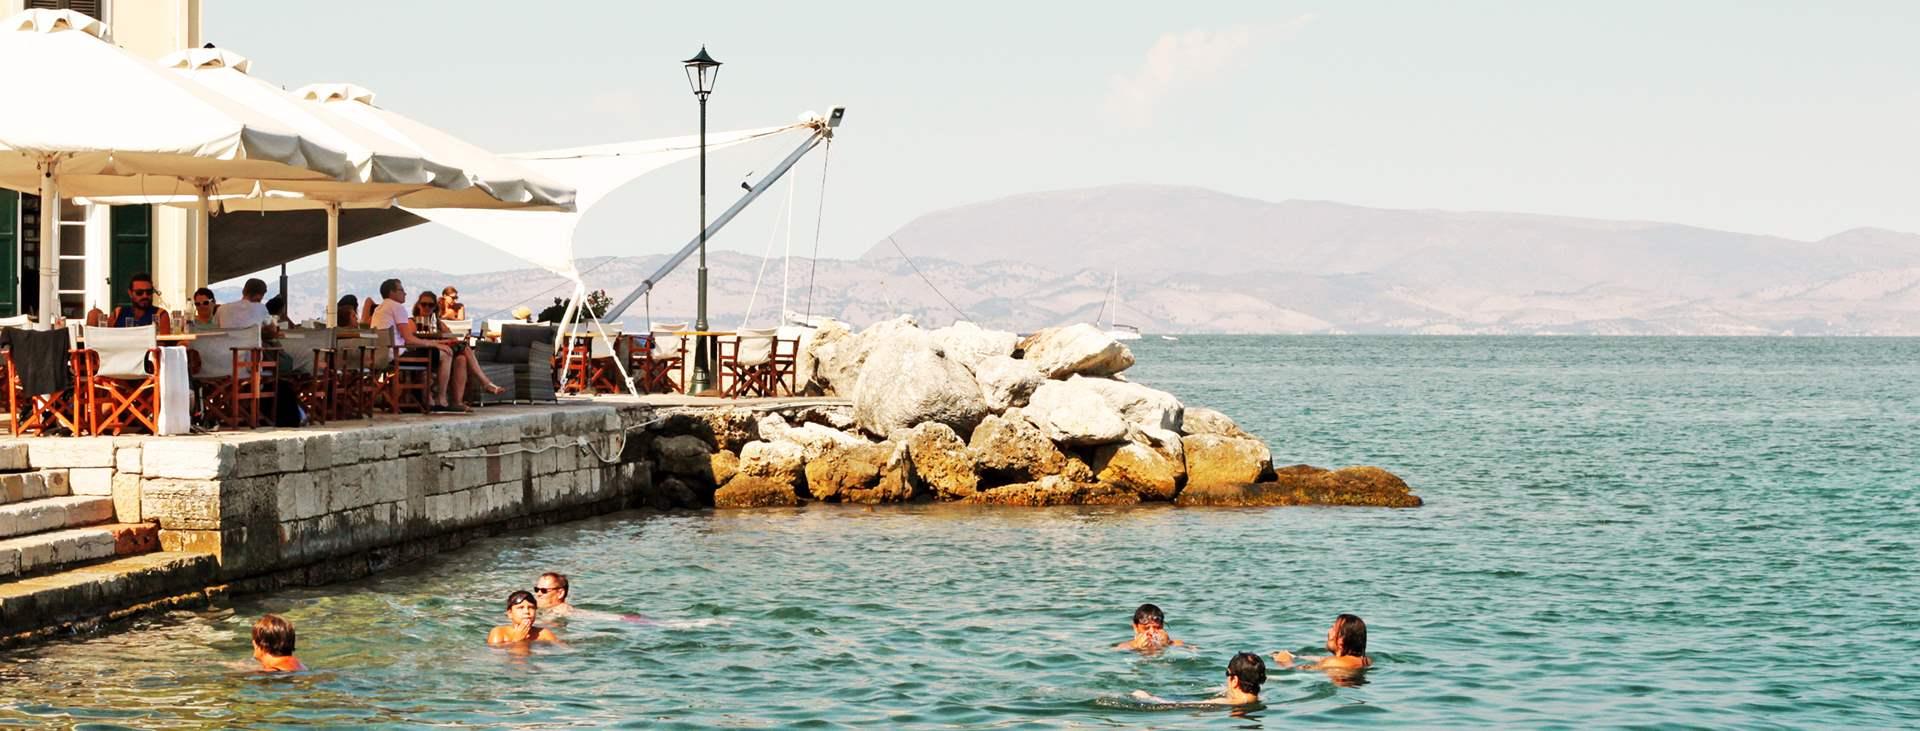 Varaa matkasi Tjäreborgilta Korfulle, Kreikkaan